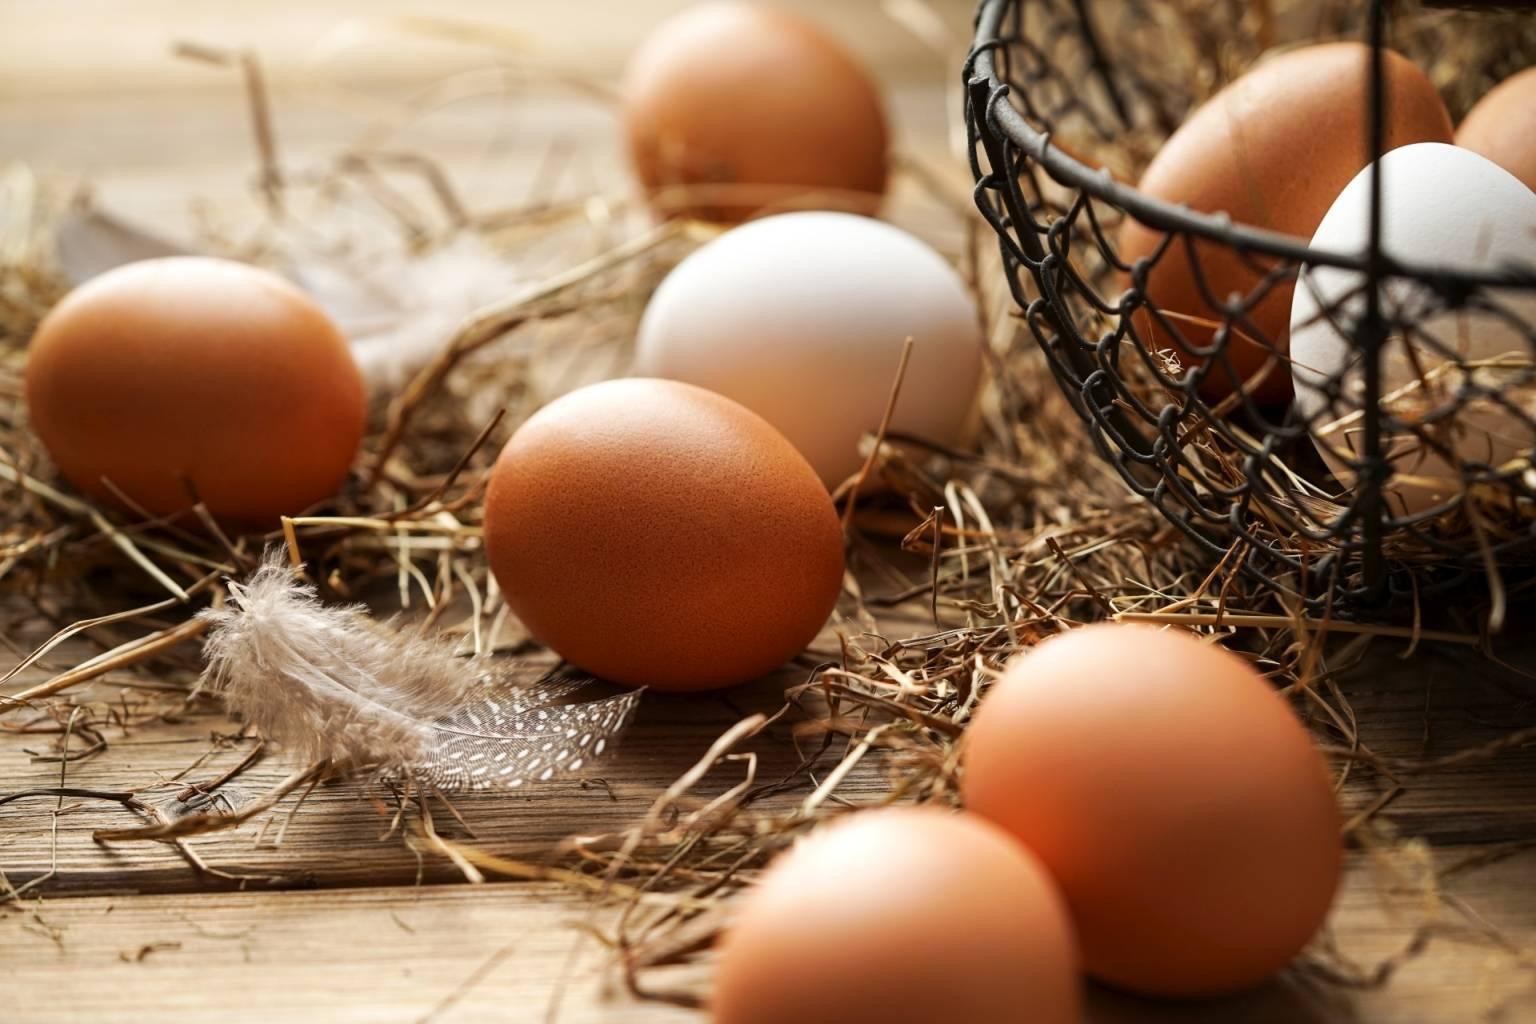 Wegetarianizm - jak wygląda przemysł drobiowy na świecie? Świeże jajka w sianku i drucianym koszyczku na drewnianej desce.